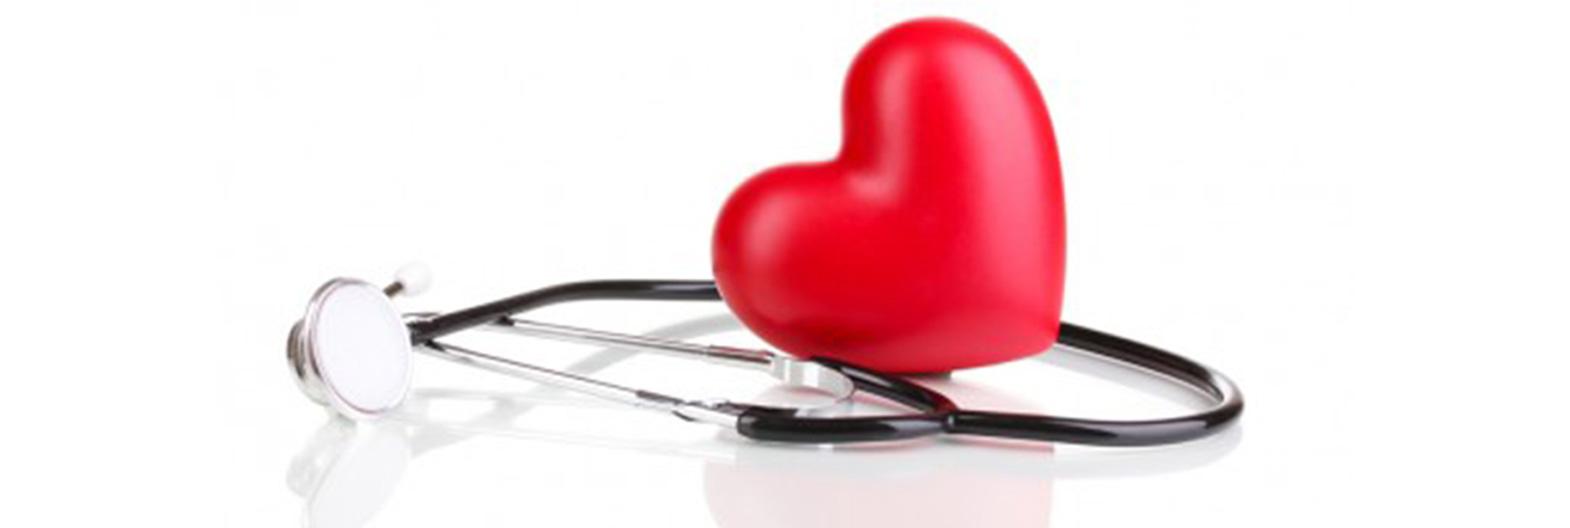 sergant hipertenzija, indai yra išsiplėtę arba susiaurėję